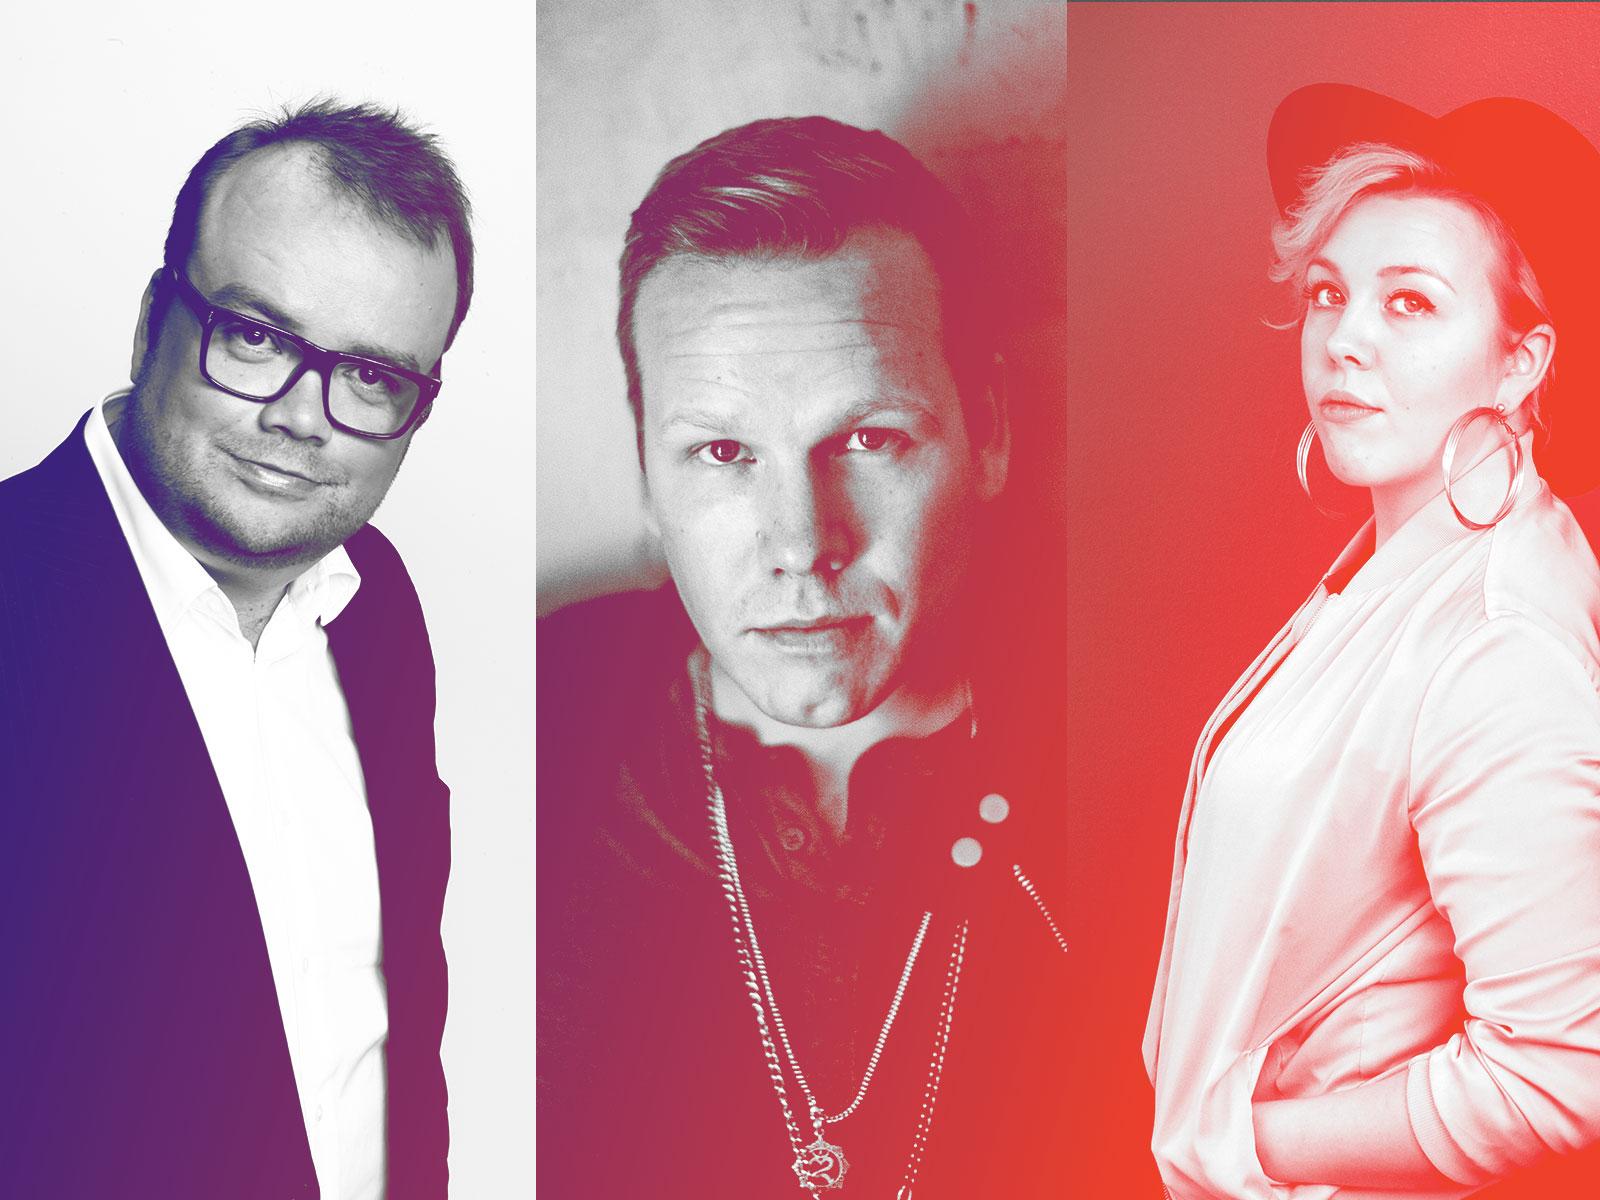 Sami Pitkämö, Osmo Ikonen ja Heini Ikonen tarjoilevat risteily-yleisölle Earth, Wind & Firen hittikimaran.